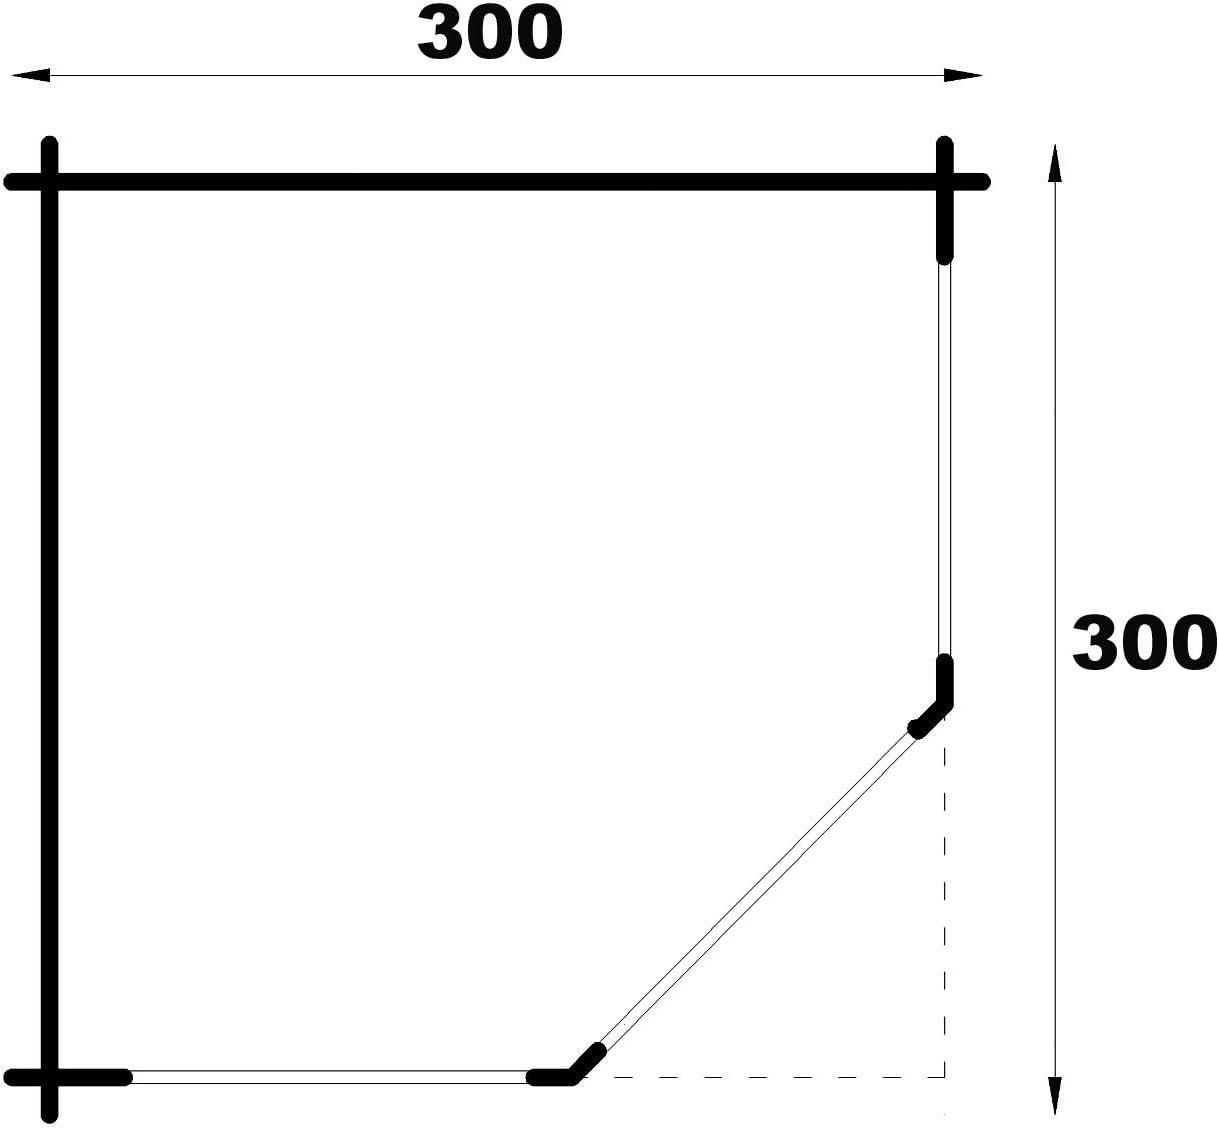 Garten Holzhaus inklusive Montagematerial Alpholz 5-Eck Gartenlaube Maik-28 aus Massiv-Holz Spitzdach Gartenhaus mit 28 mm Wandst/ärke Ger/äteschuppen Gr/ö/ße: 300 x 300 cm